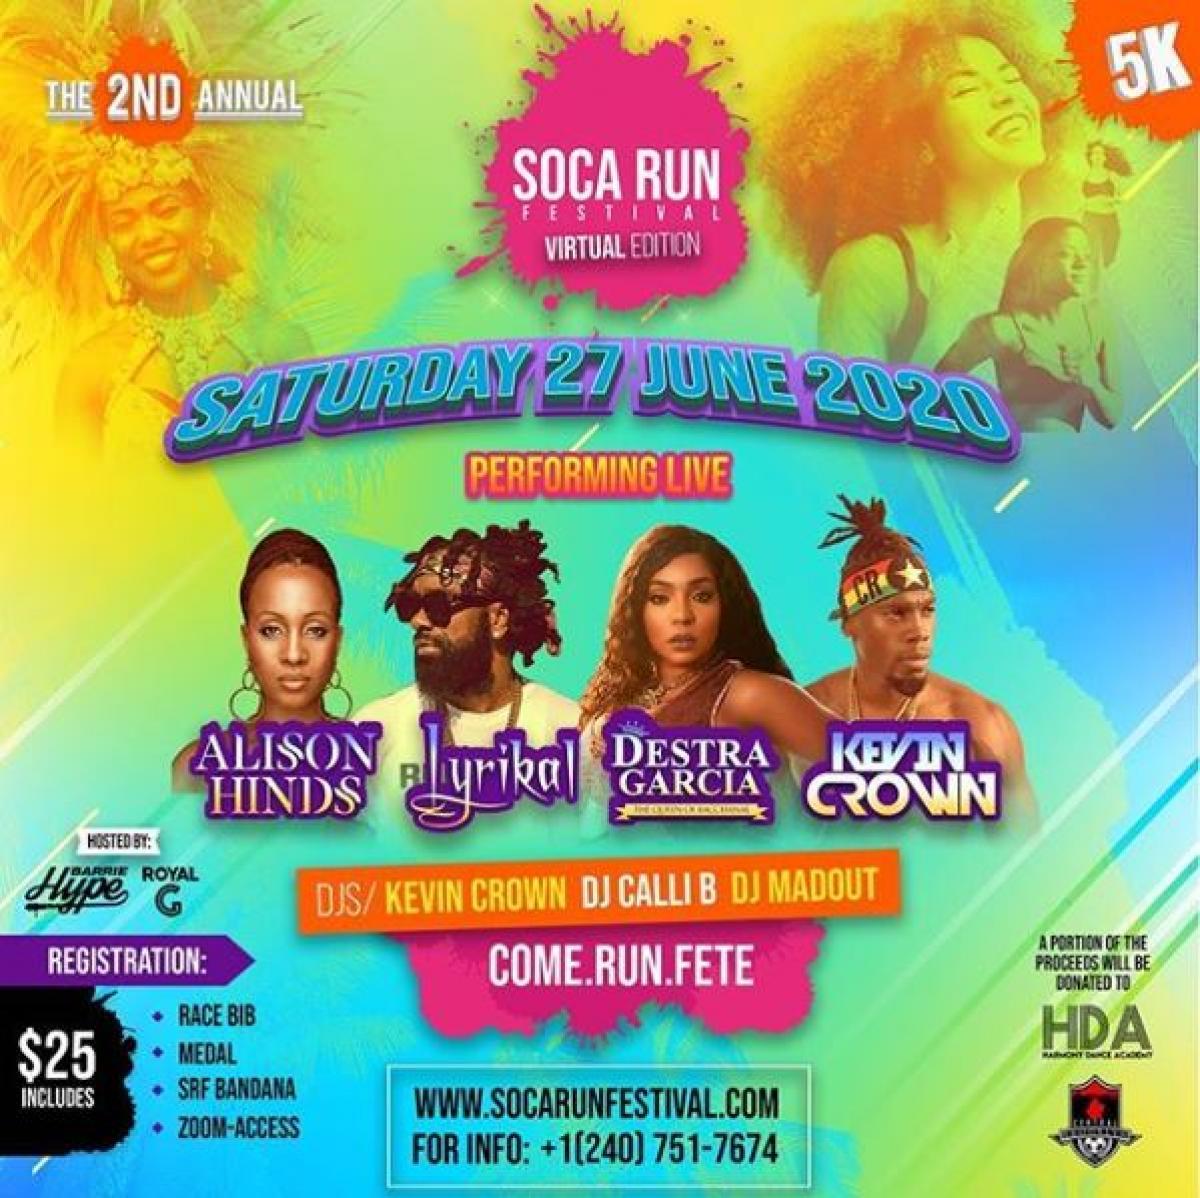 Soca Run Festival flyer or graphic.